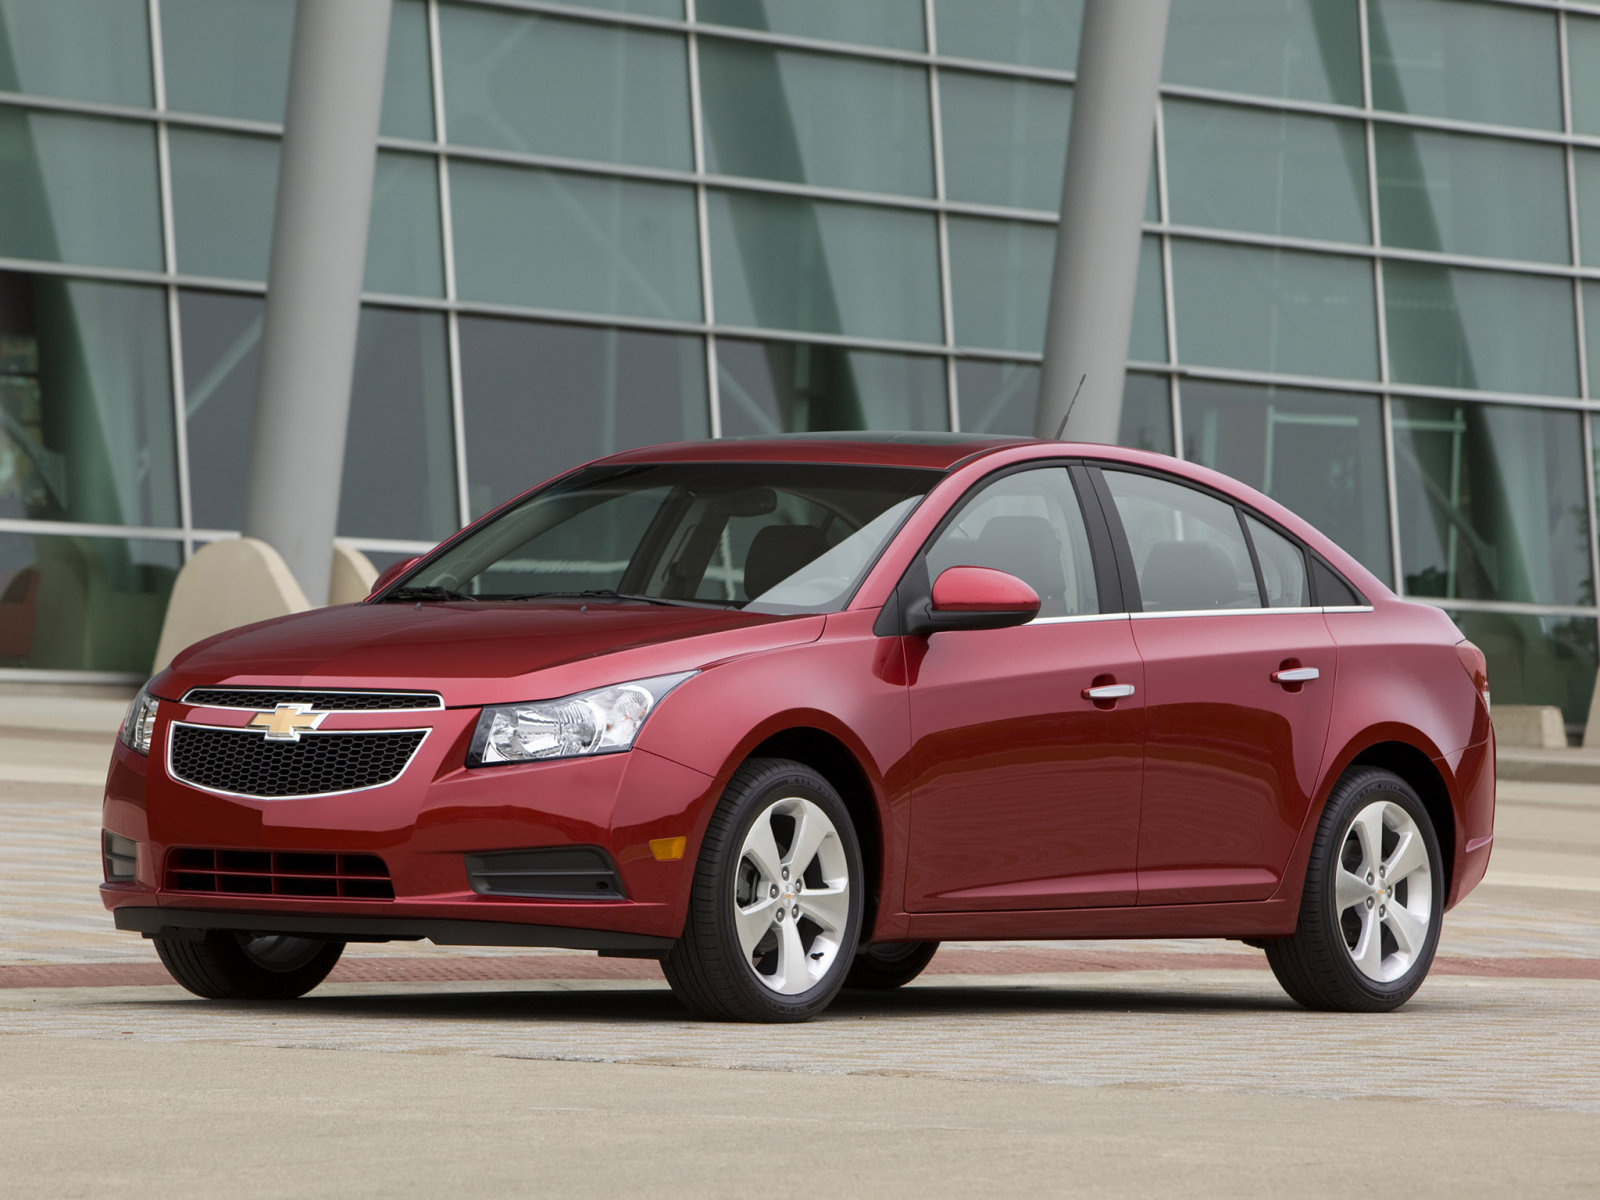 Chevrolet (Шевроле) Cruze 2009-2012 г.